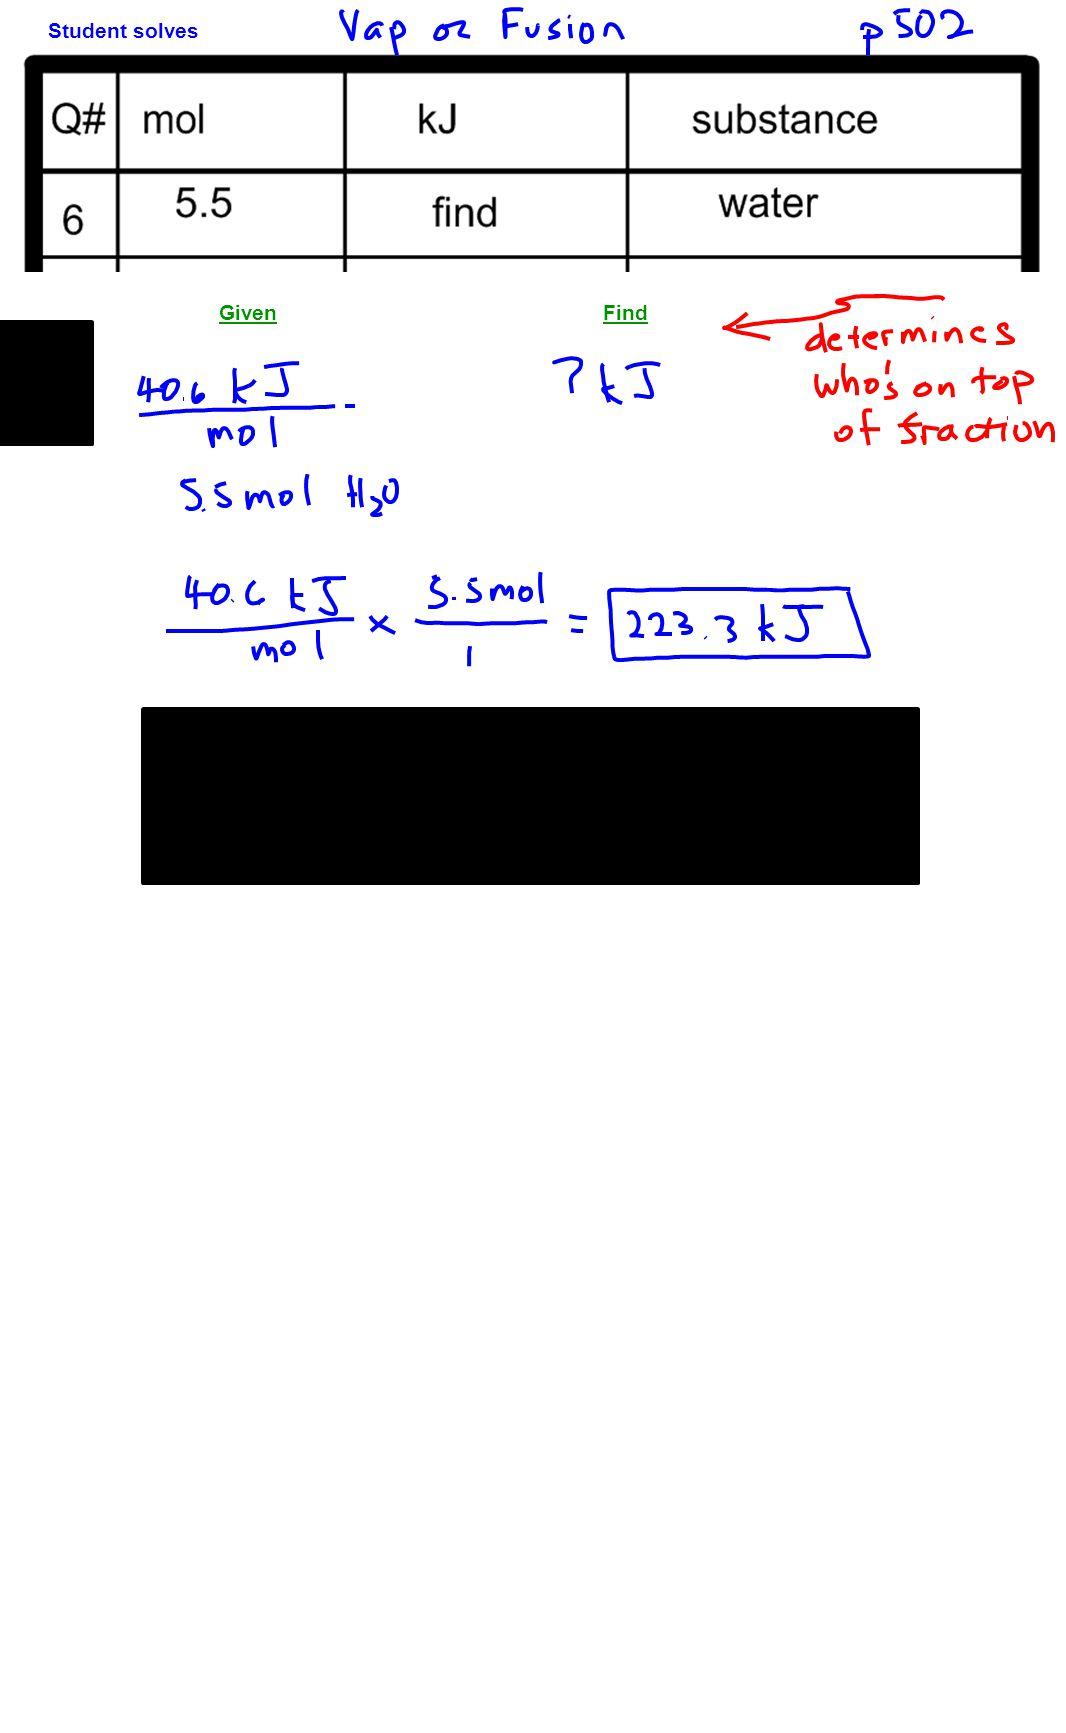 Student solves GivenFind